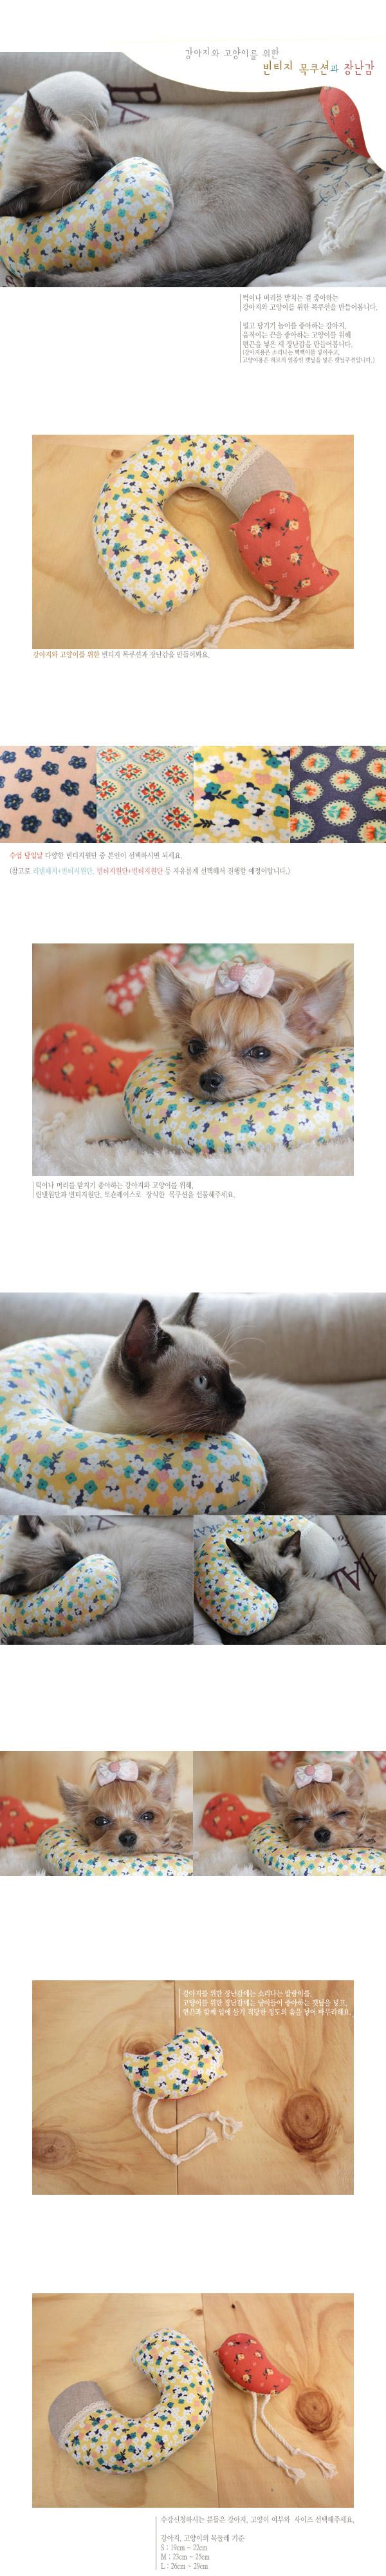 고양이 베개 만들기, 핑거스 아카데미, DIY, 고양이 용품 베개, 고양이 용품 만들기, 고양이 리뷰